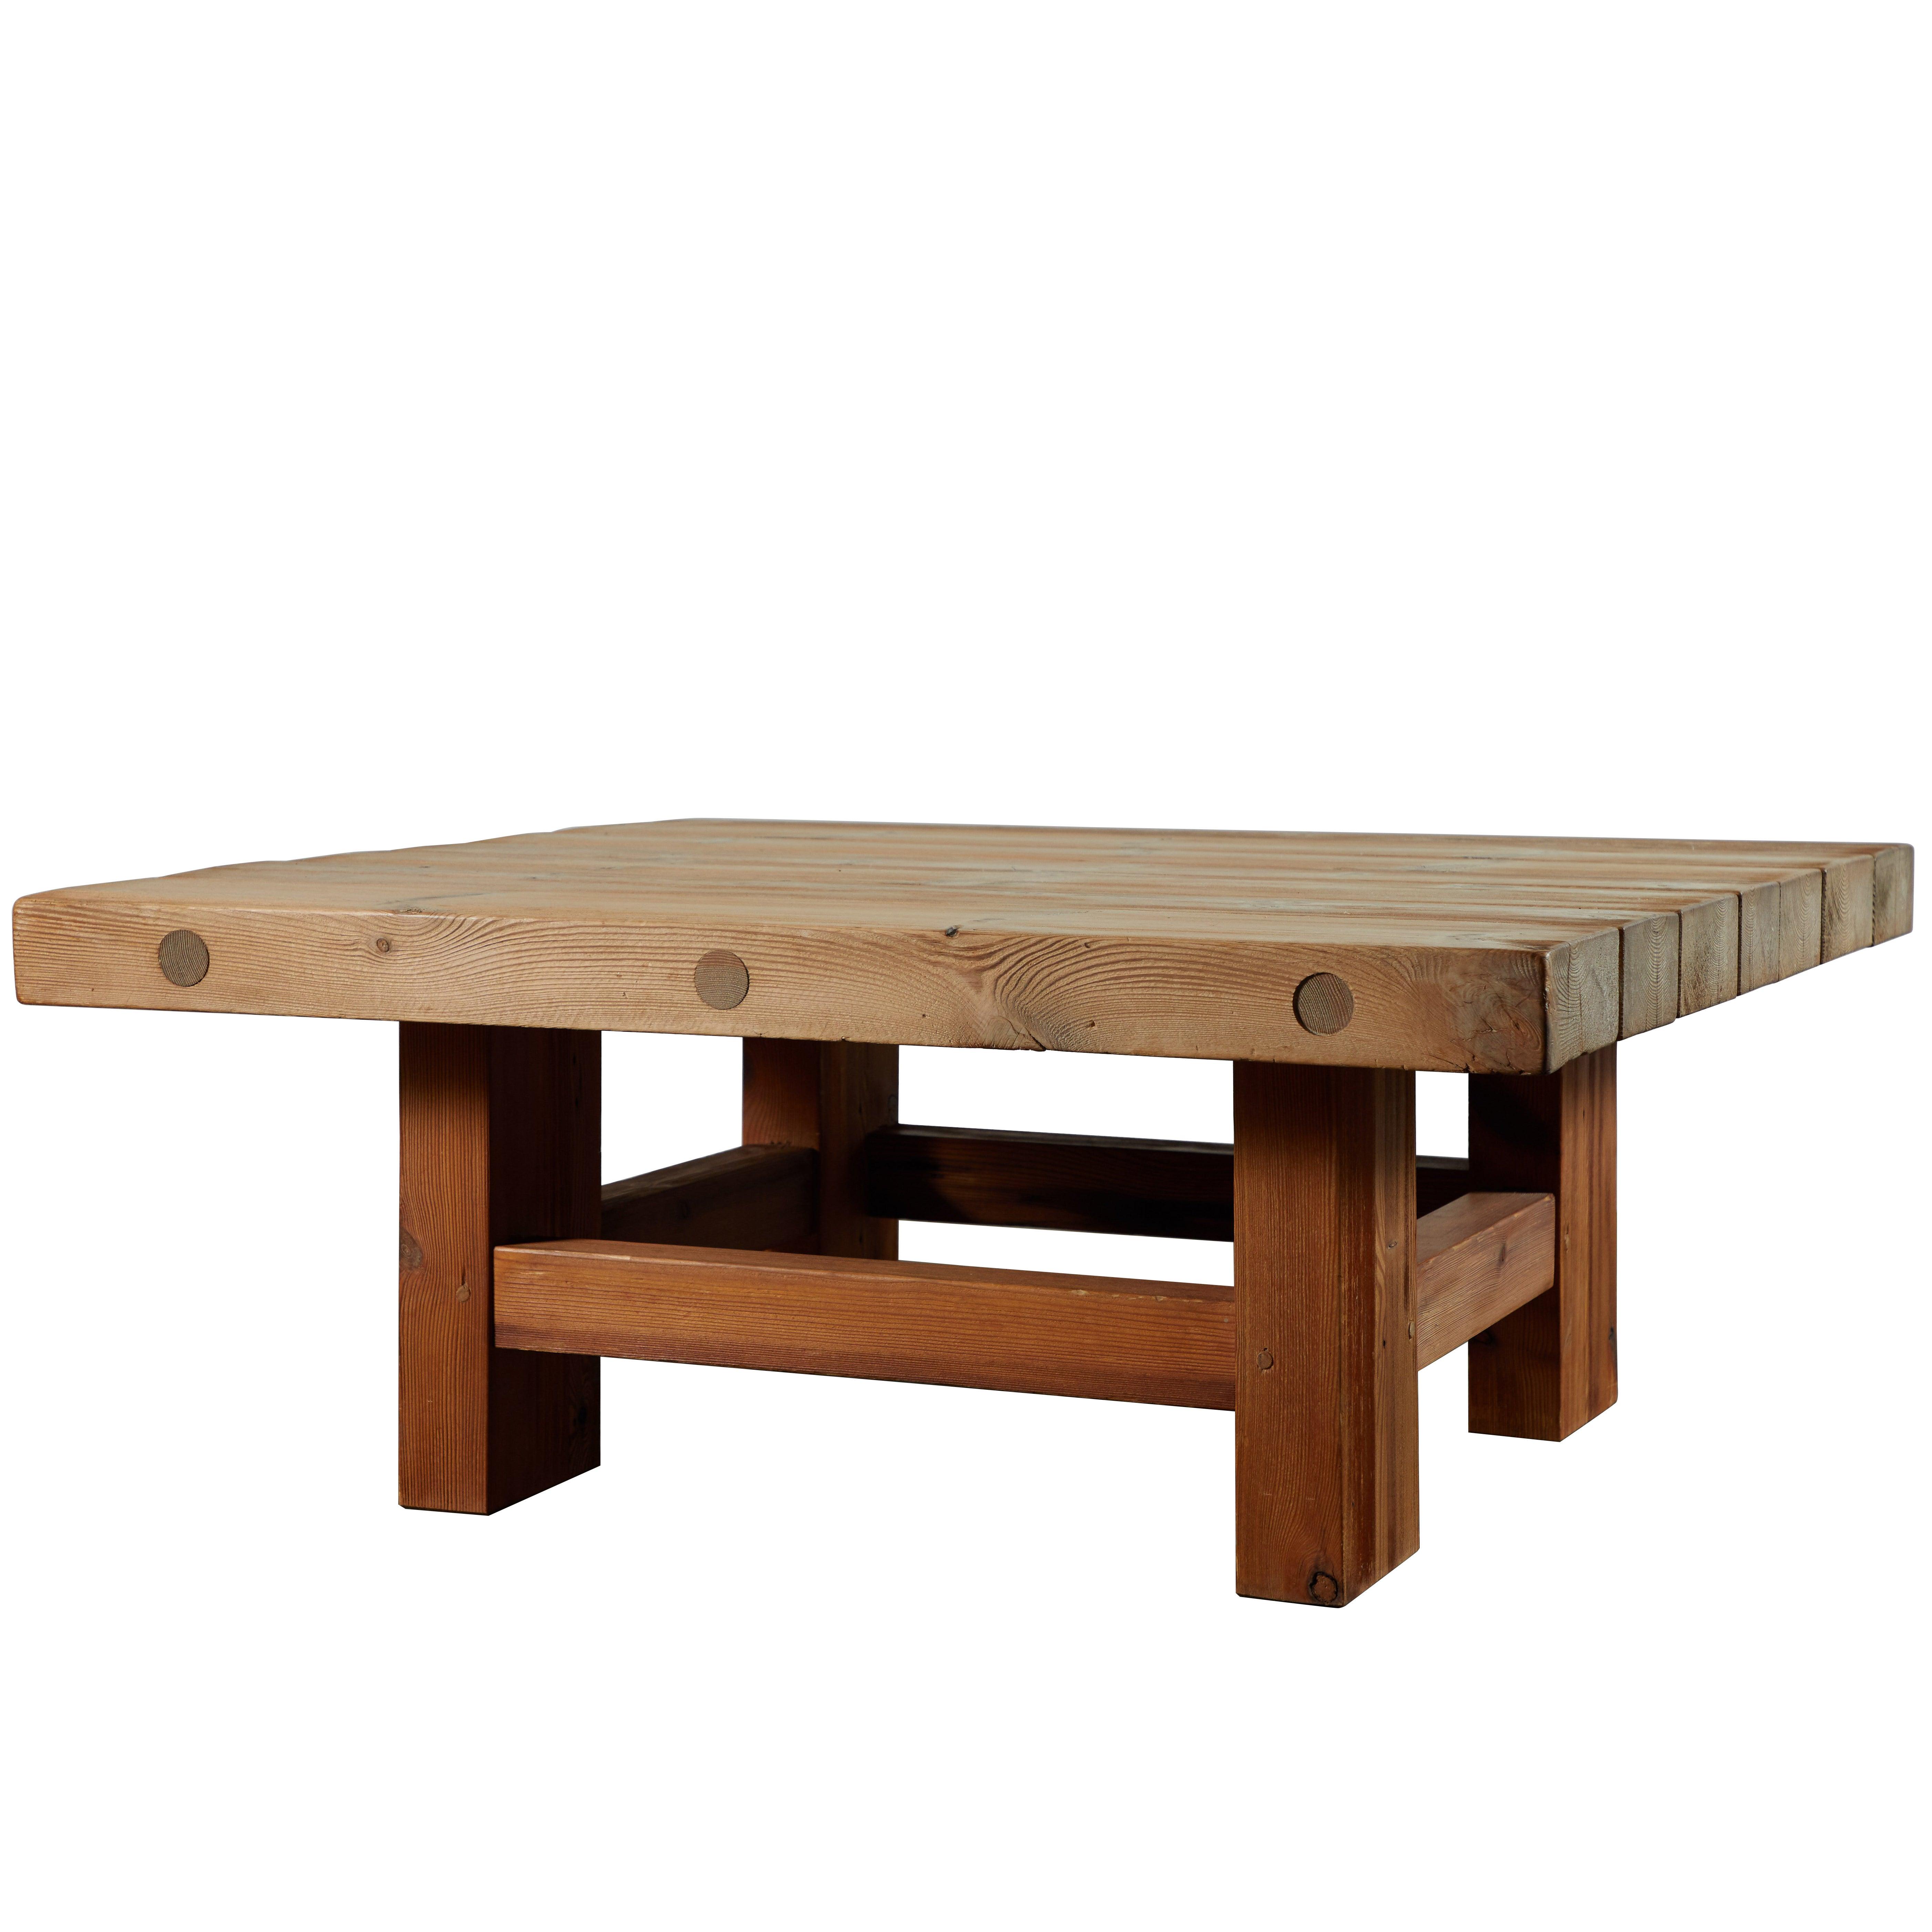 Solid Pine Coffee Table.Solid Pine Coffee Table Attributed To Roland Wilhelmsson